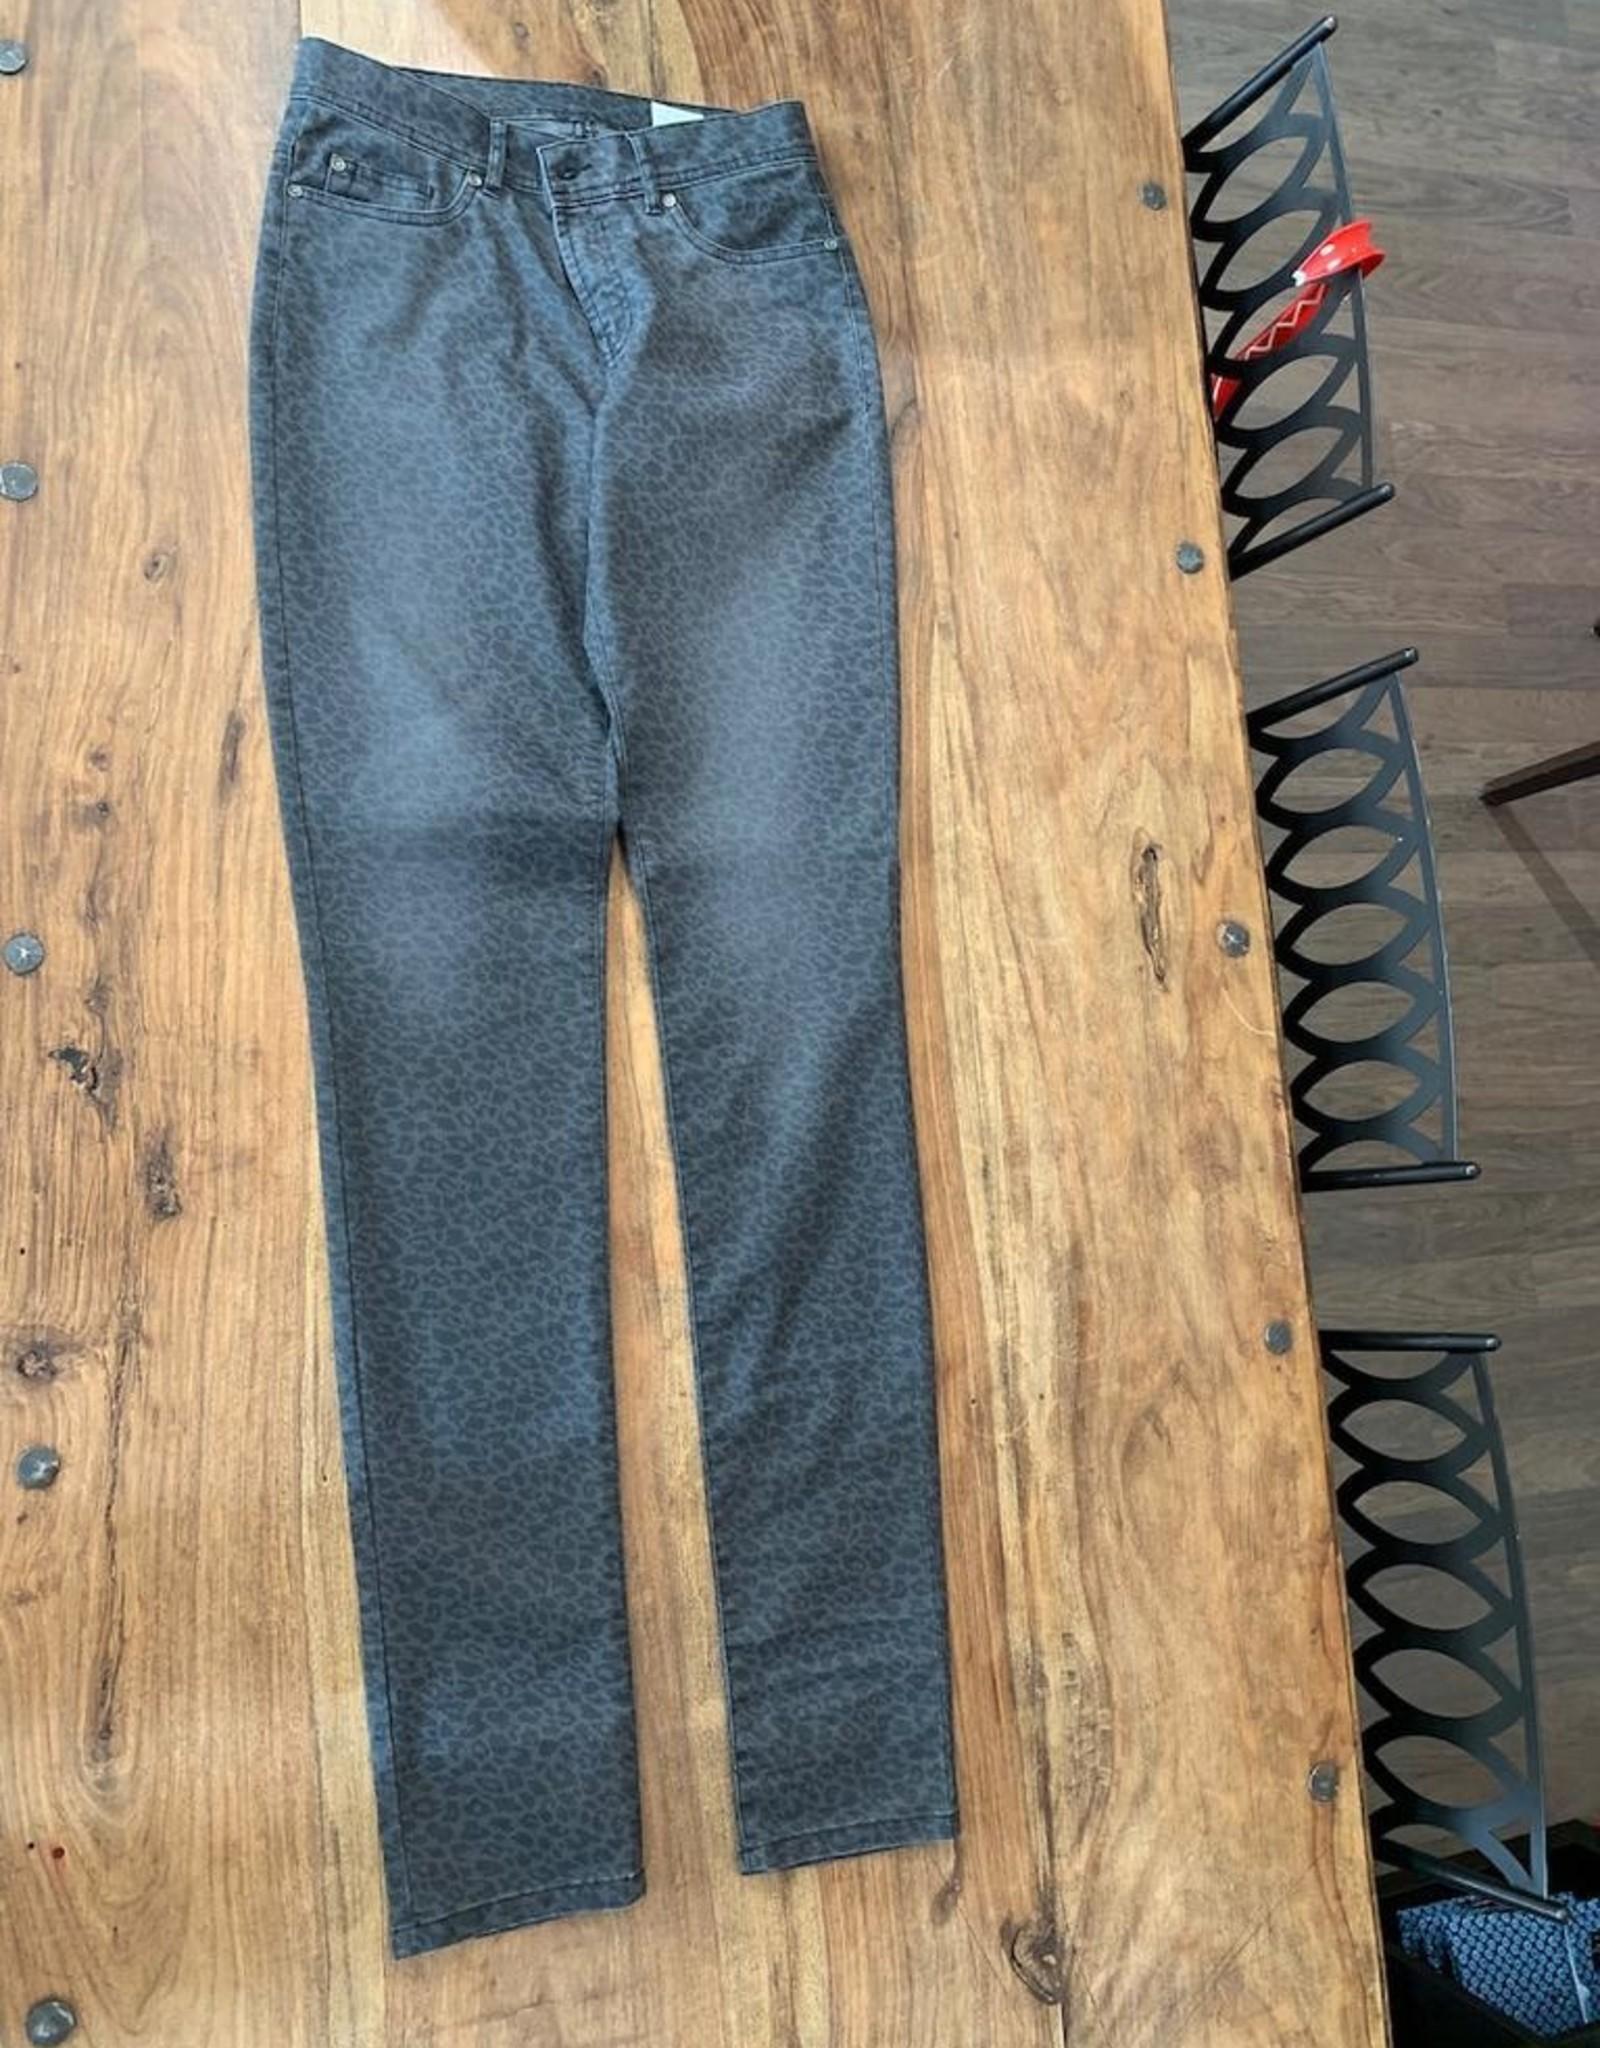 CMK CMK D-Hose, Alina FW 17cm, Baumwolle/PE Print 2% Elast Schrittl.38inches